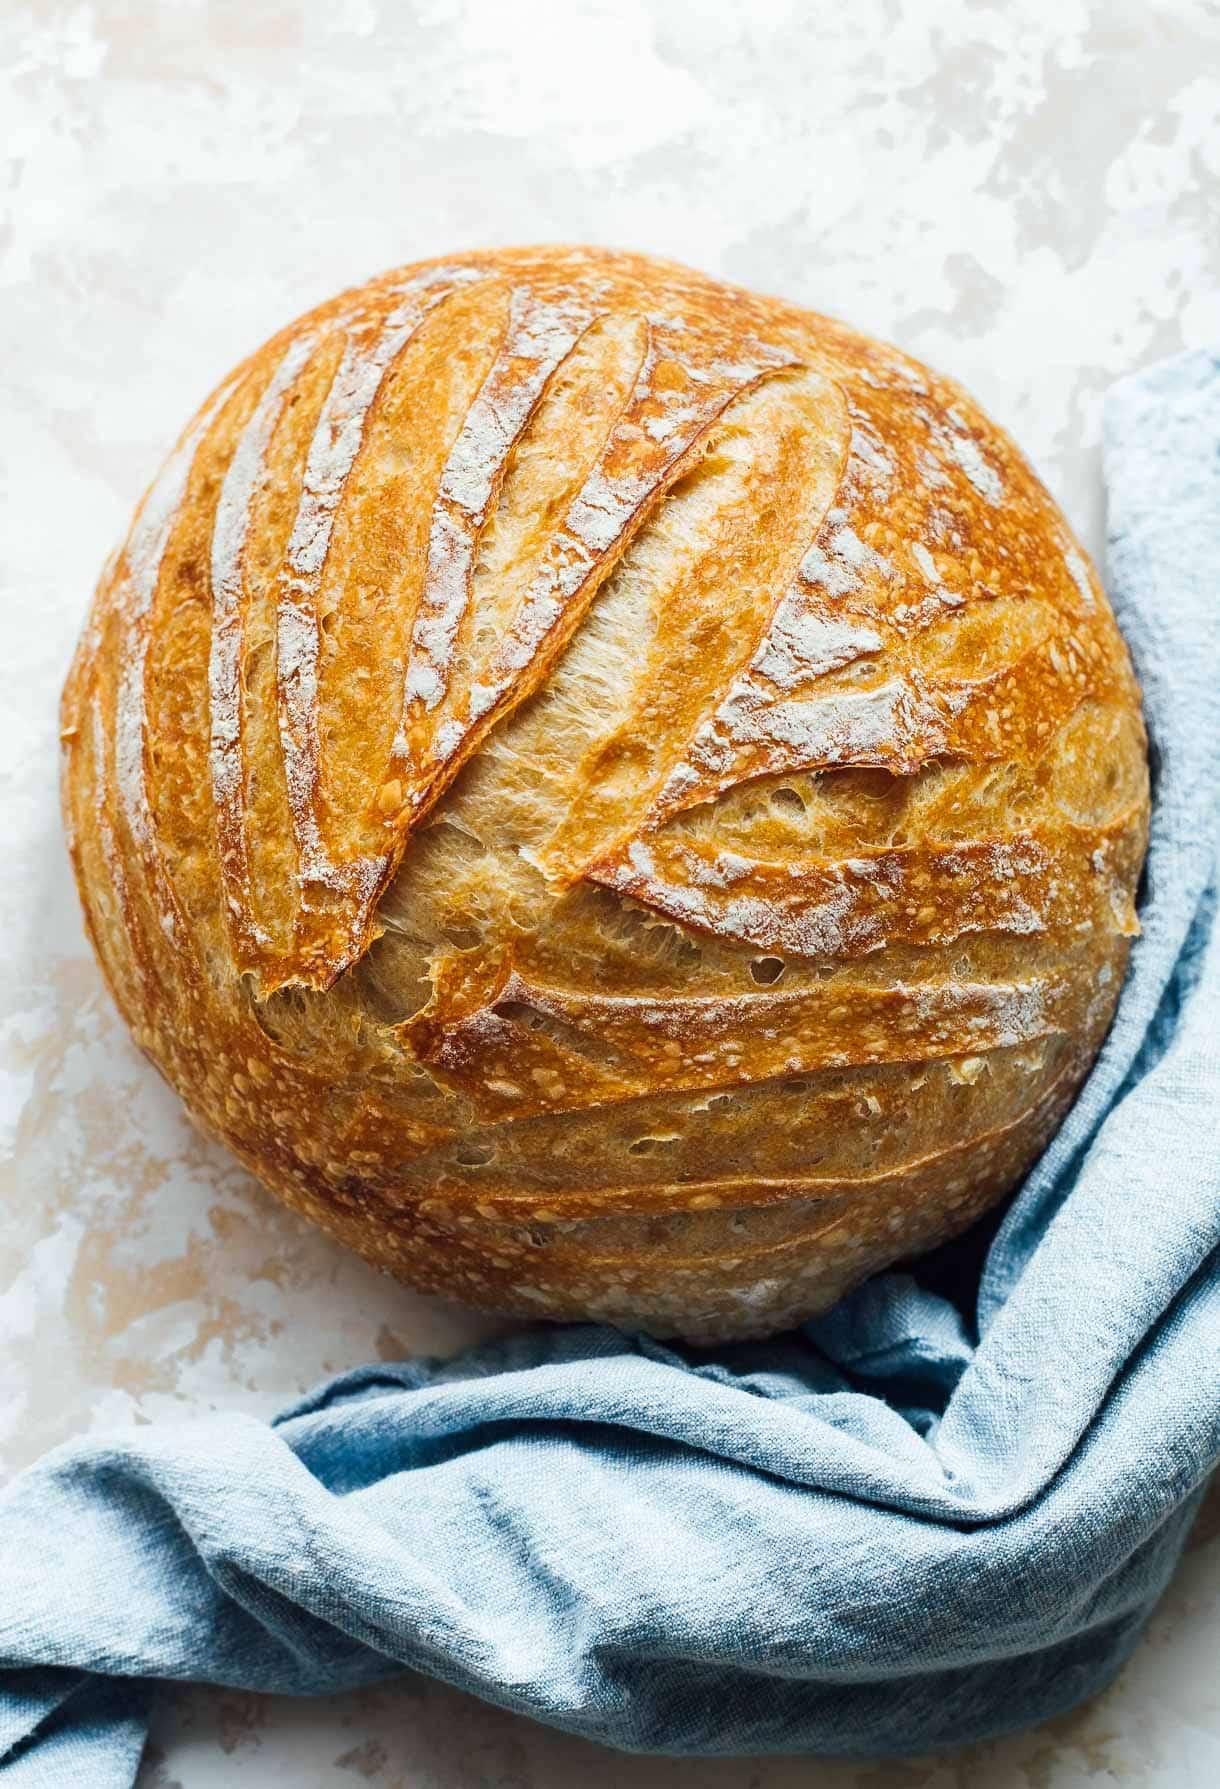 Sourdough Bread Boule with a linen